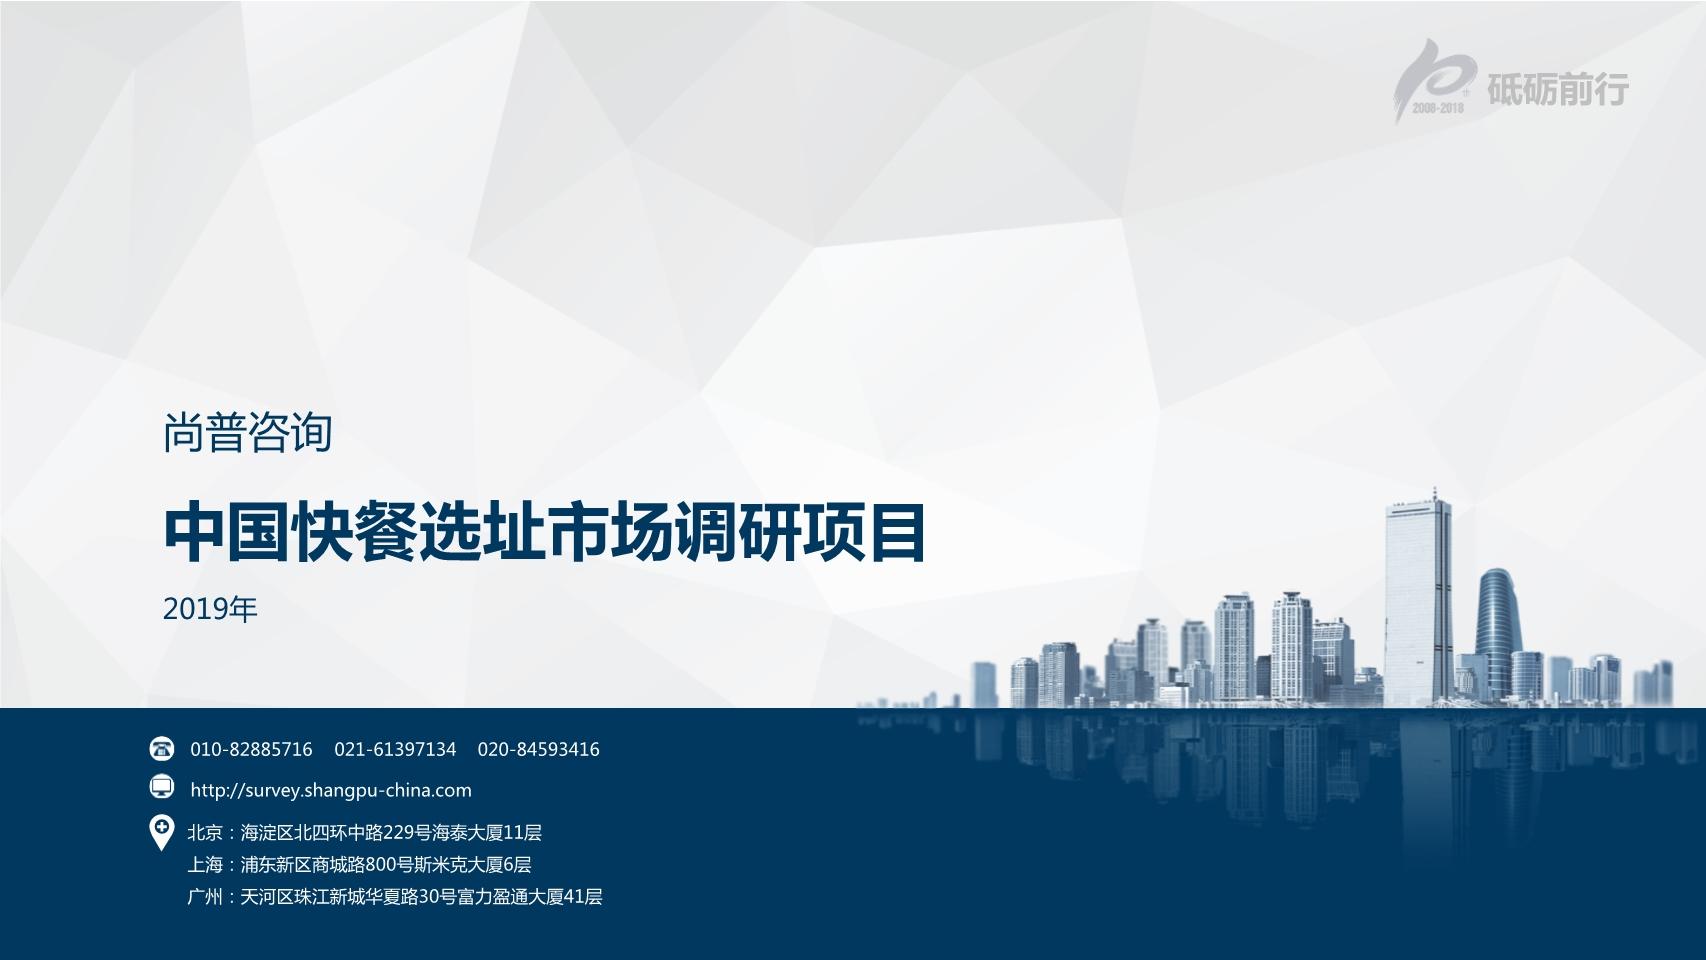 尚普咨询-中国快餐选址市场调研项目